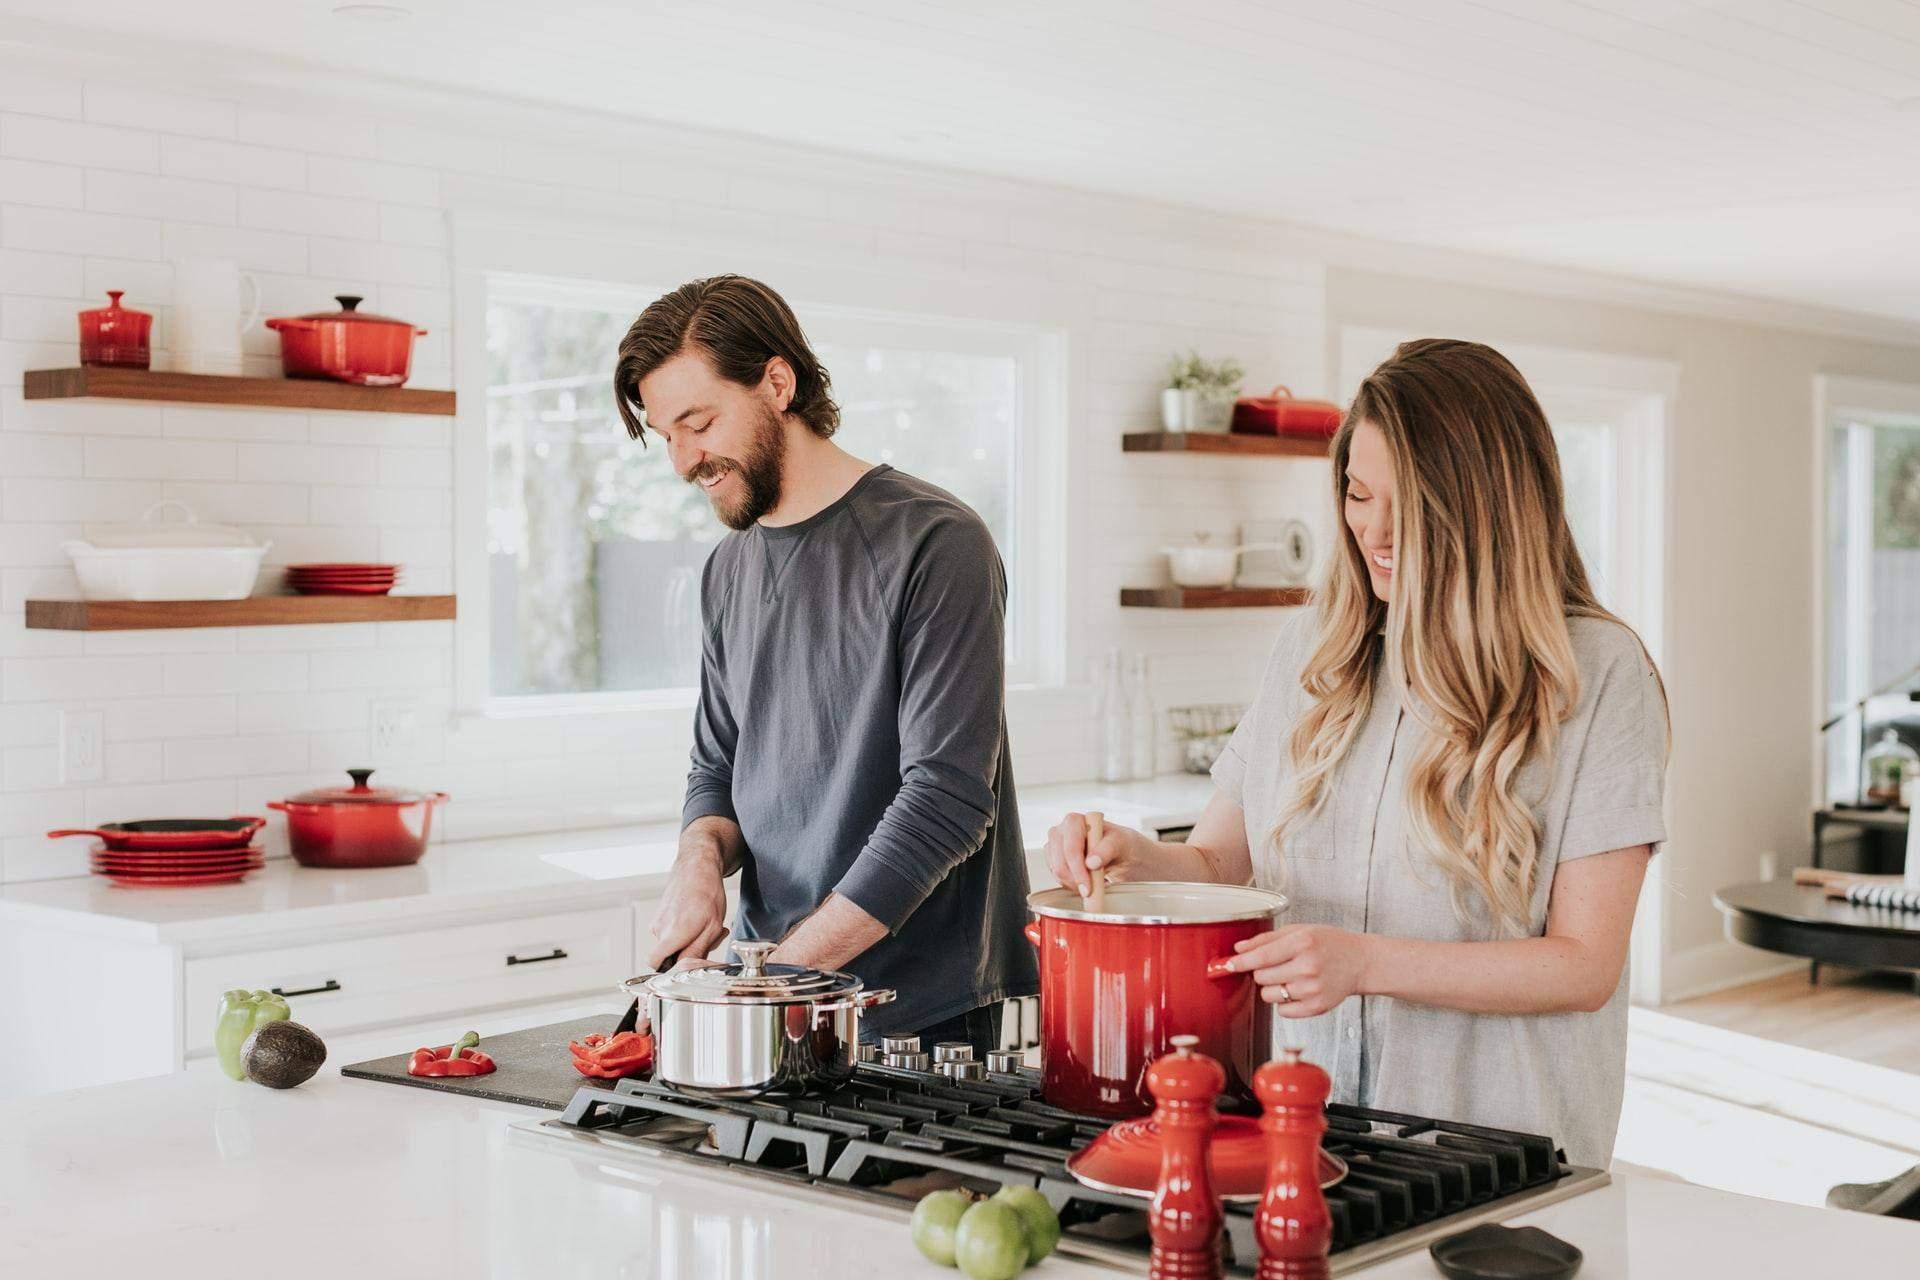 О ваших кулинарности таланты партнер может и привирать